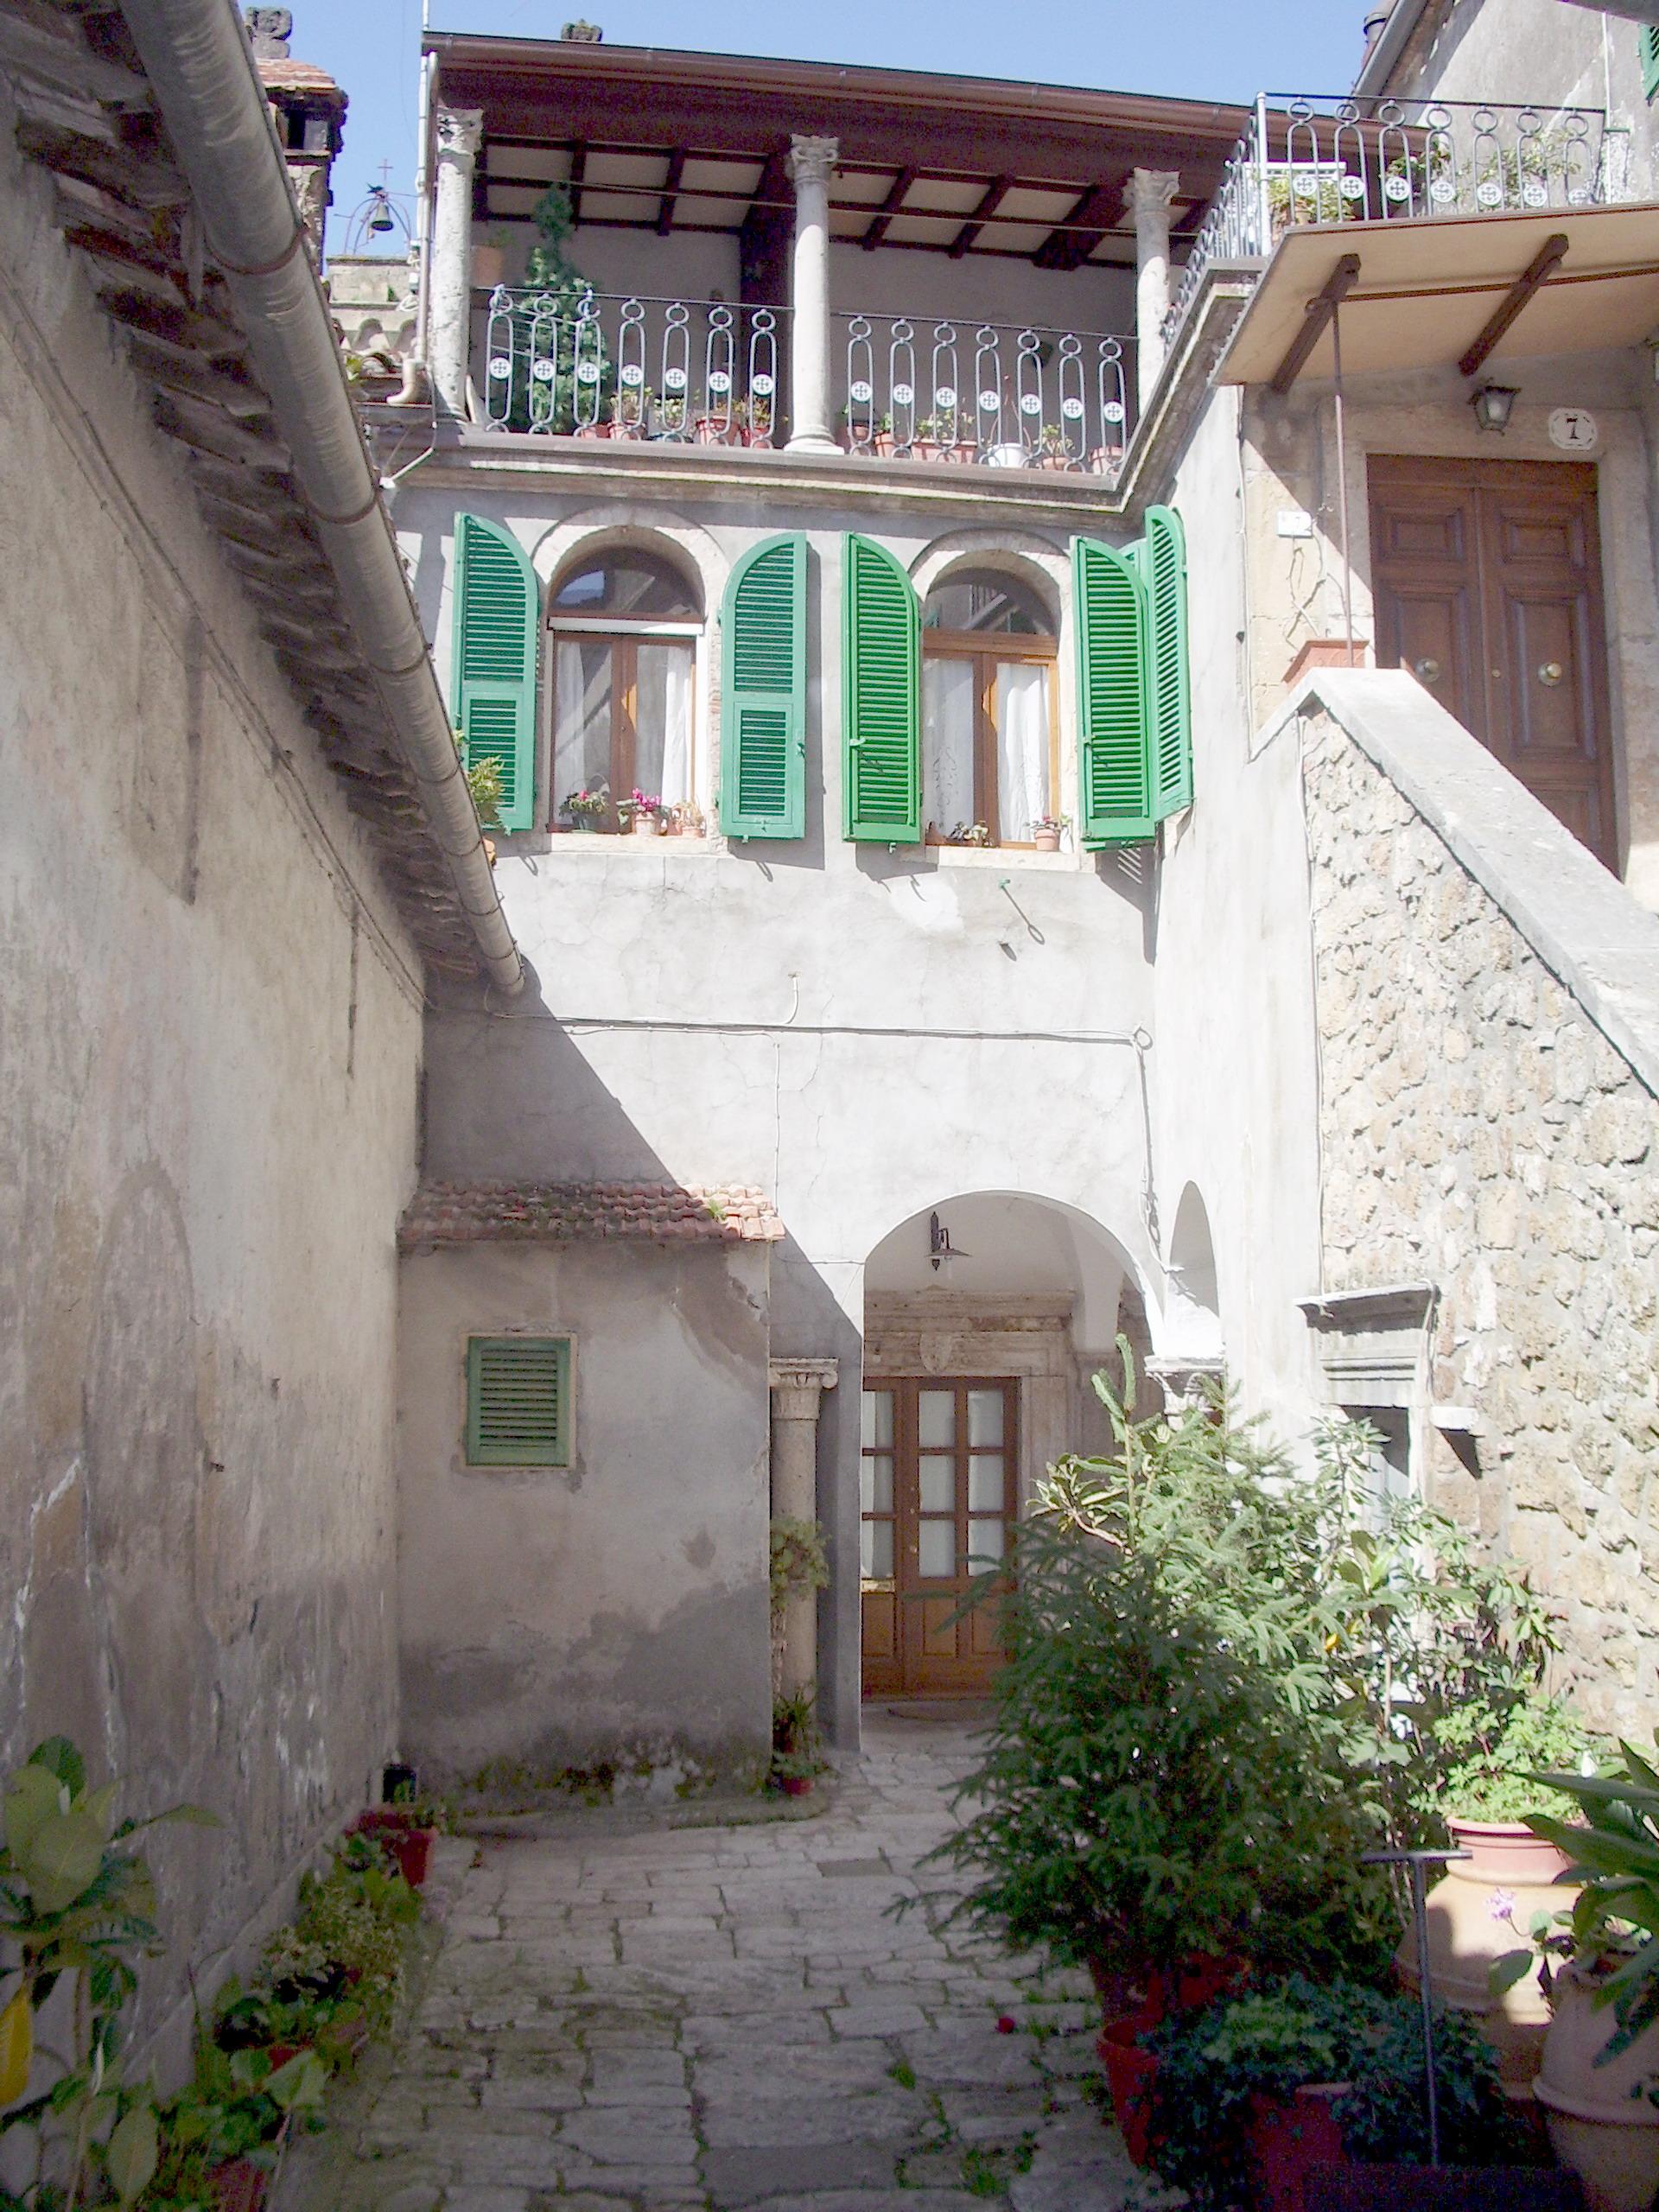 Palazzo Comitale Sorano.jpg